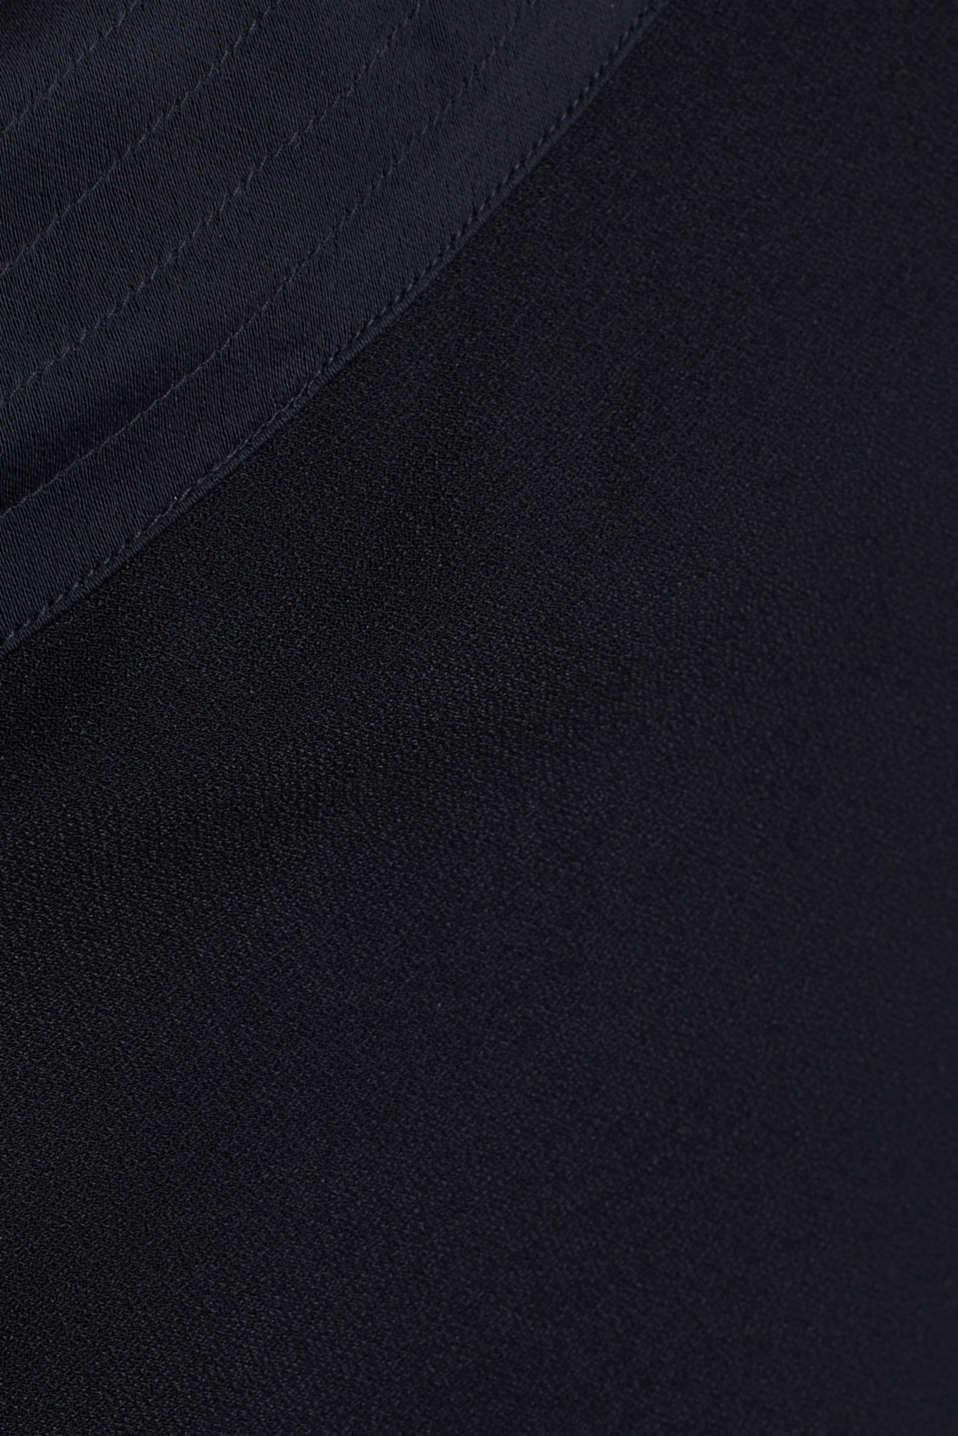 Maxi dress in a one-shoulder design, NAVY, detail image number 2